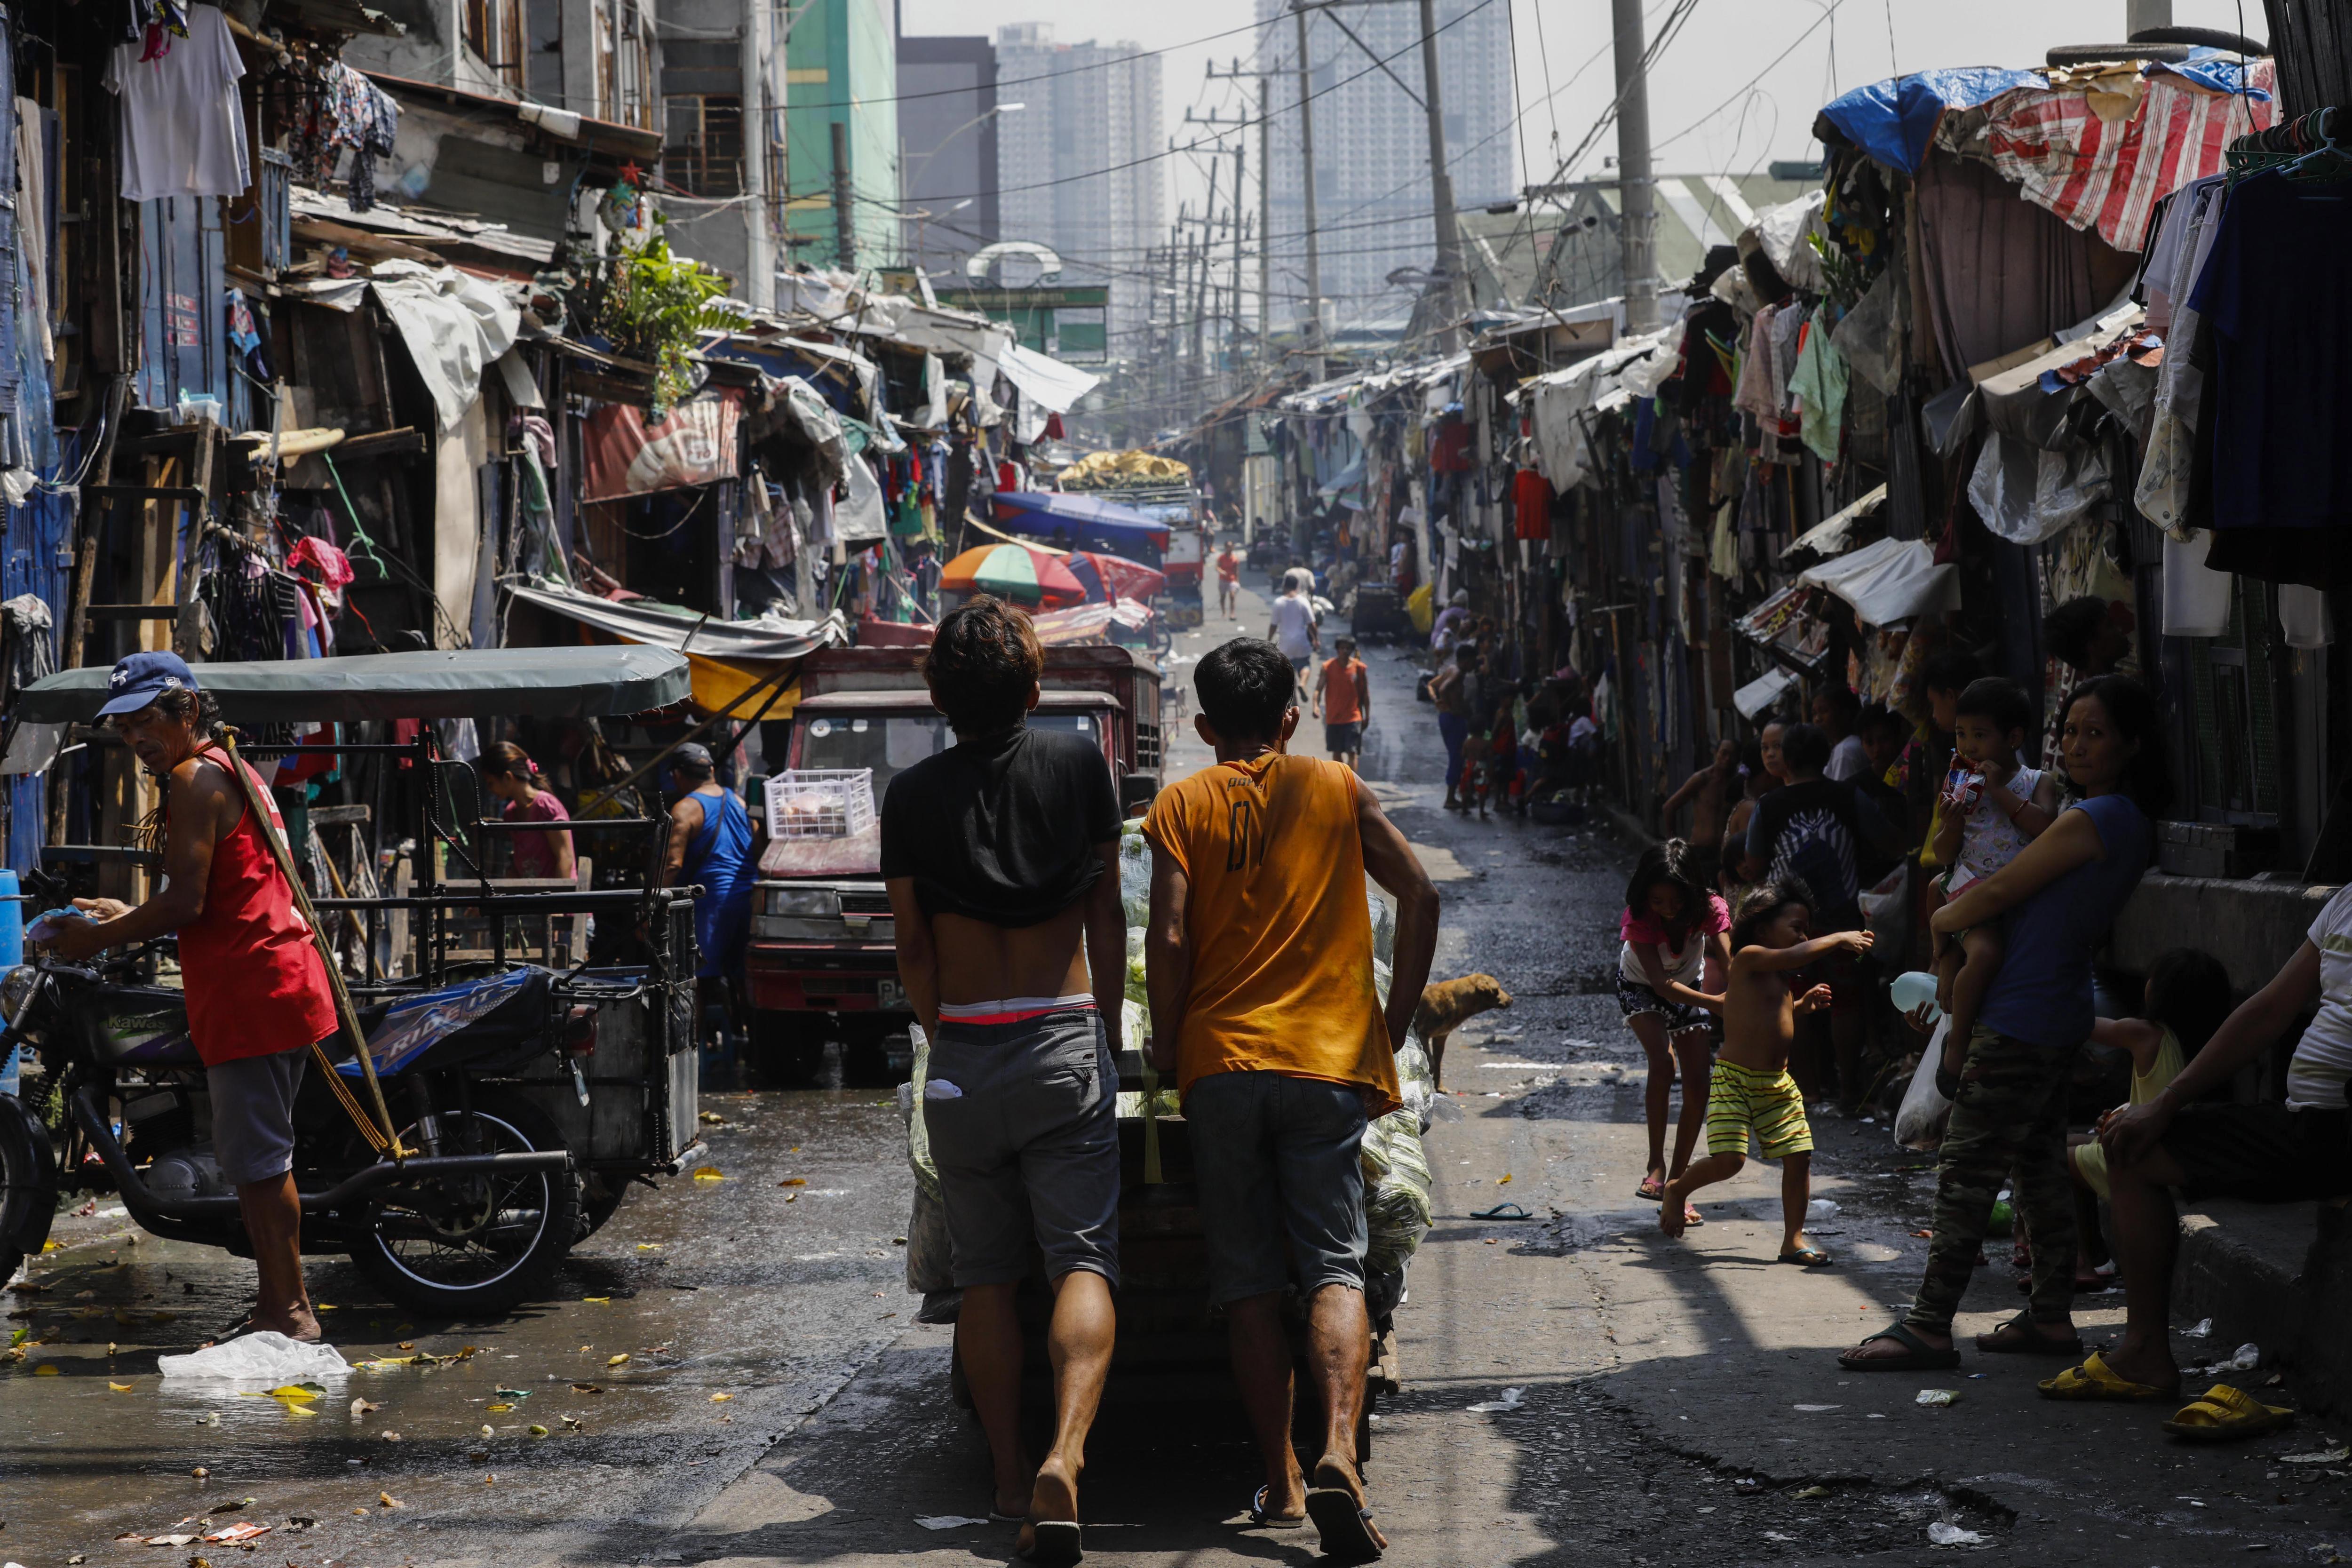 Dos venedors empenyen un carret ple de verdures per vendre-les en un mercat de fruites a Quezon, Manila (Filipines). /ROLEX DELA PENA